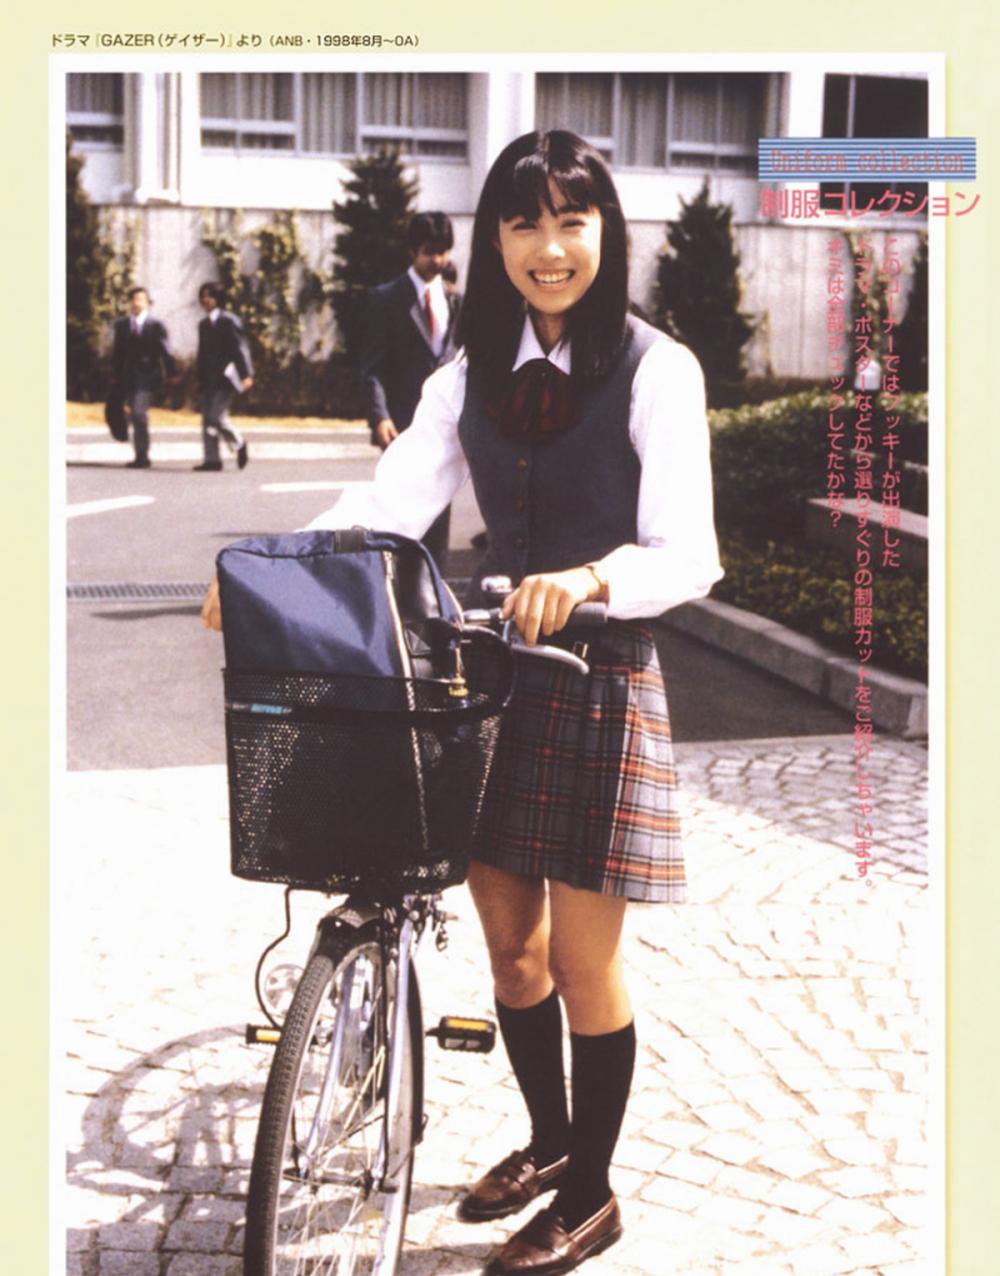 被锁在保险柜里的日本艺人吹石一惠的写真作品 (27)